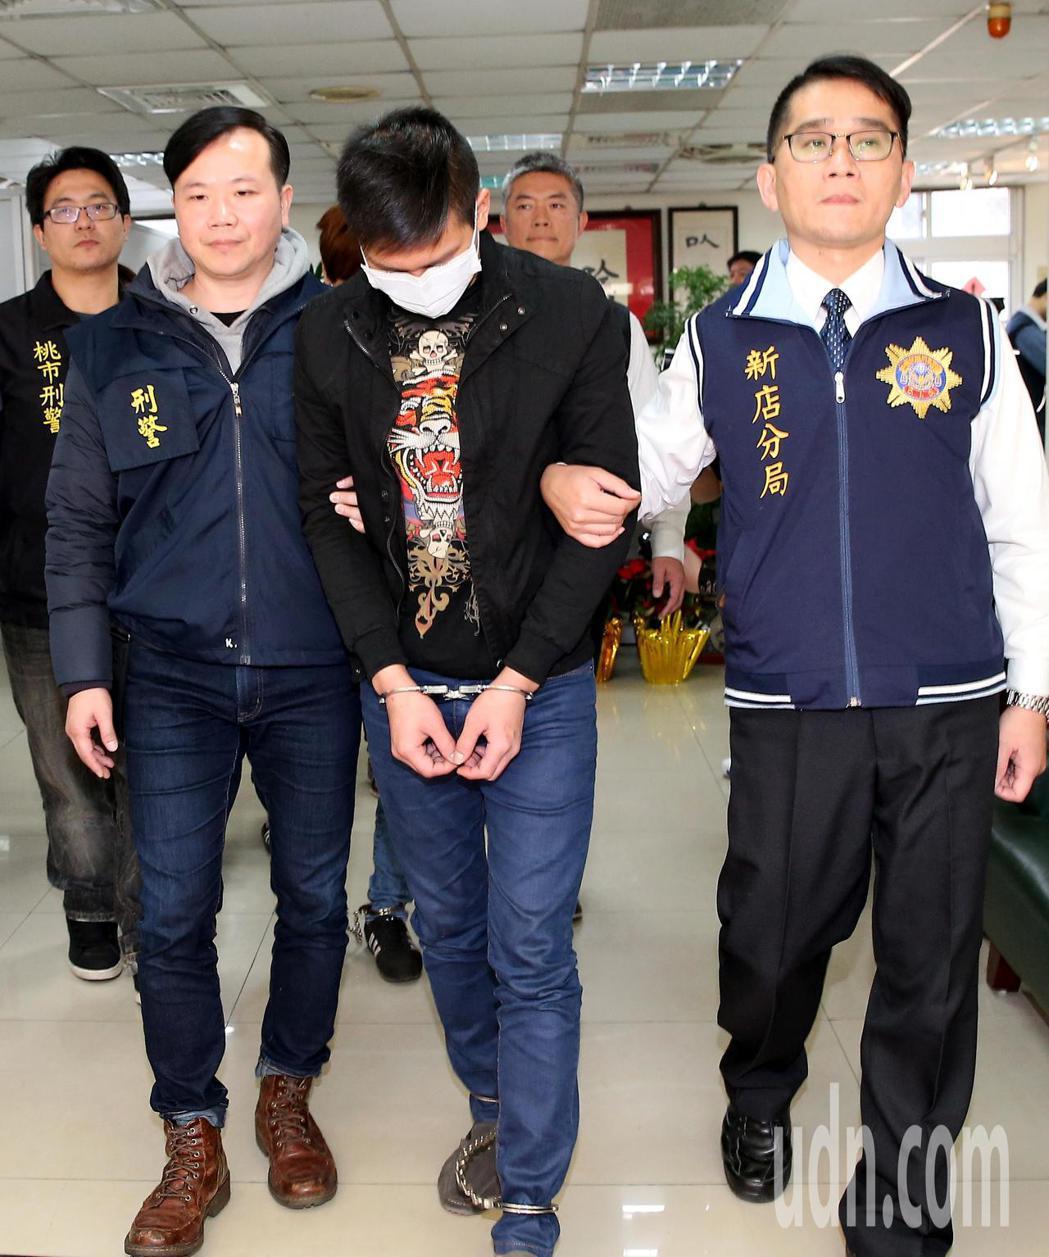 桃園機場緝毒單位首度在國境線查獲新興毒品「甲苯基甲胺戊酮」超過15公斤,並逮捕涉...